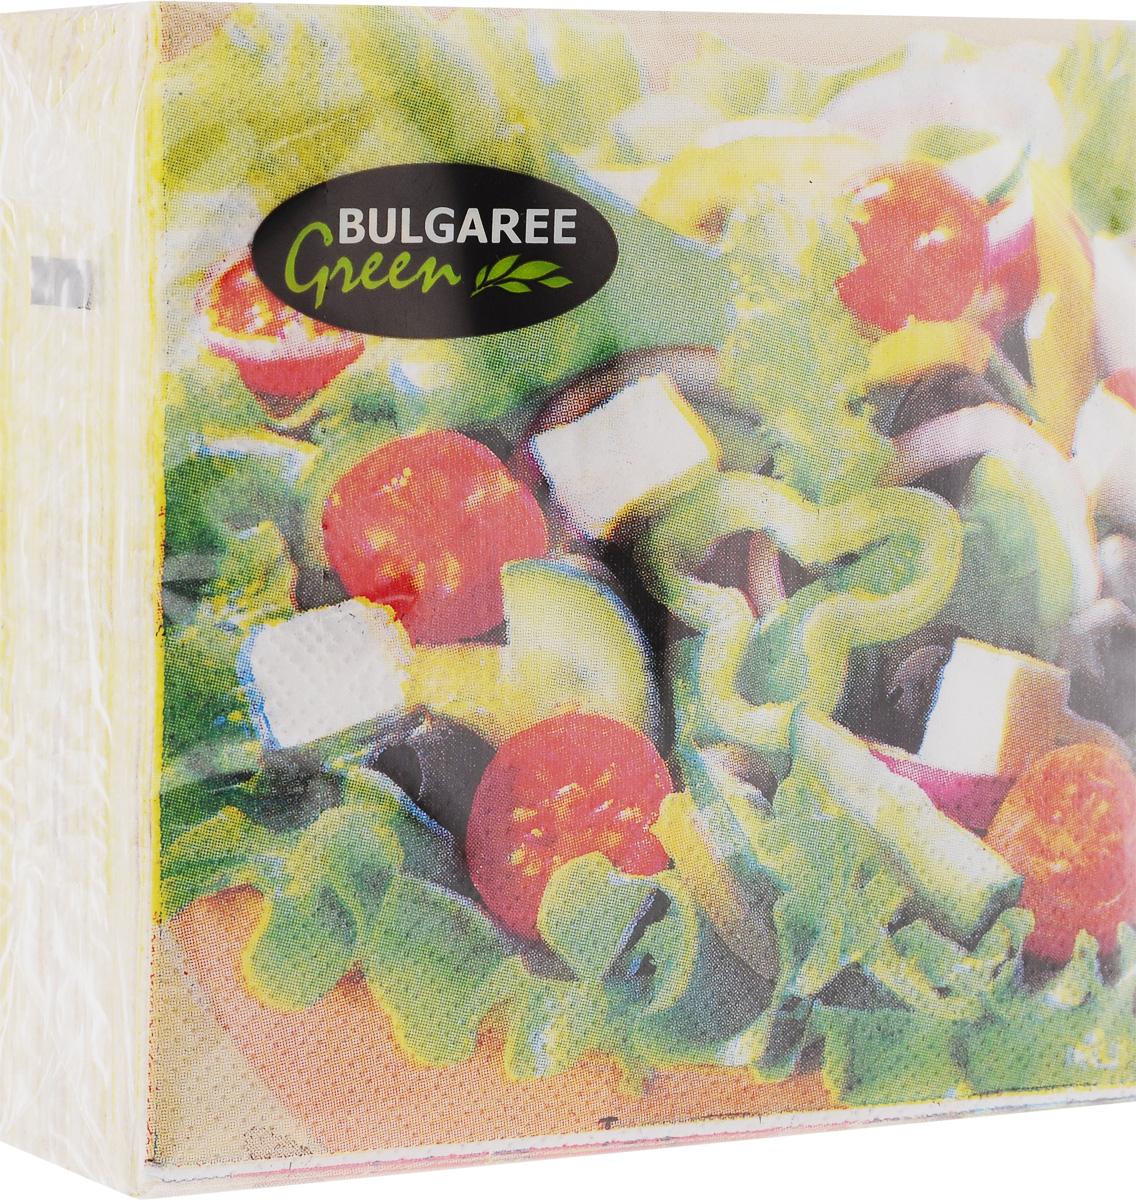 Салфетки бумажные Bulgaree Green Греческий салат, двухслойные, 24 х 24 см, 50 шт1000210_Греческий салатДекоративные двухслойные салфетки Bulgaree Green Греческий салат выполнены из 100% целлюлозы европейского качества и оформлены ярким рисунком. Изделия станут отличным дополнением любого праздничного стола. Они отличаются необычной мягкостью, прочностью и оригинальностью. Размер салфеток в развернутом виде: 24 х 24 см.